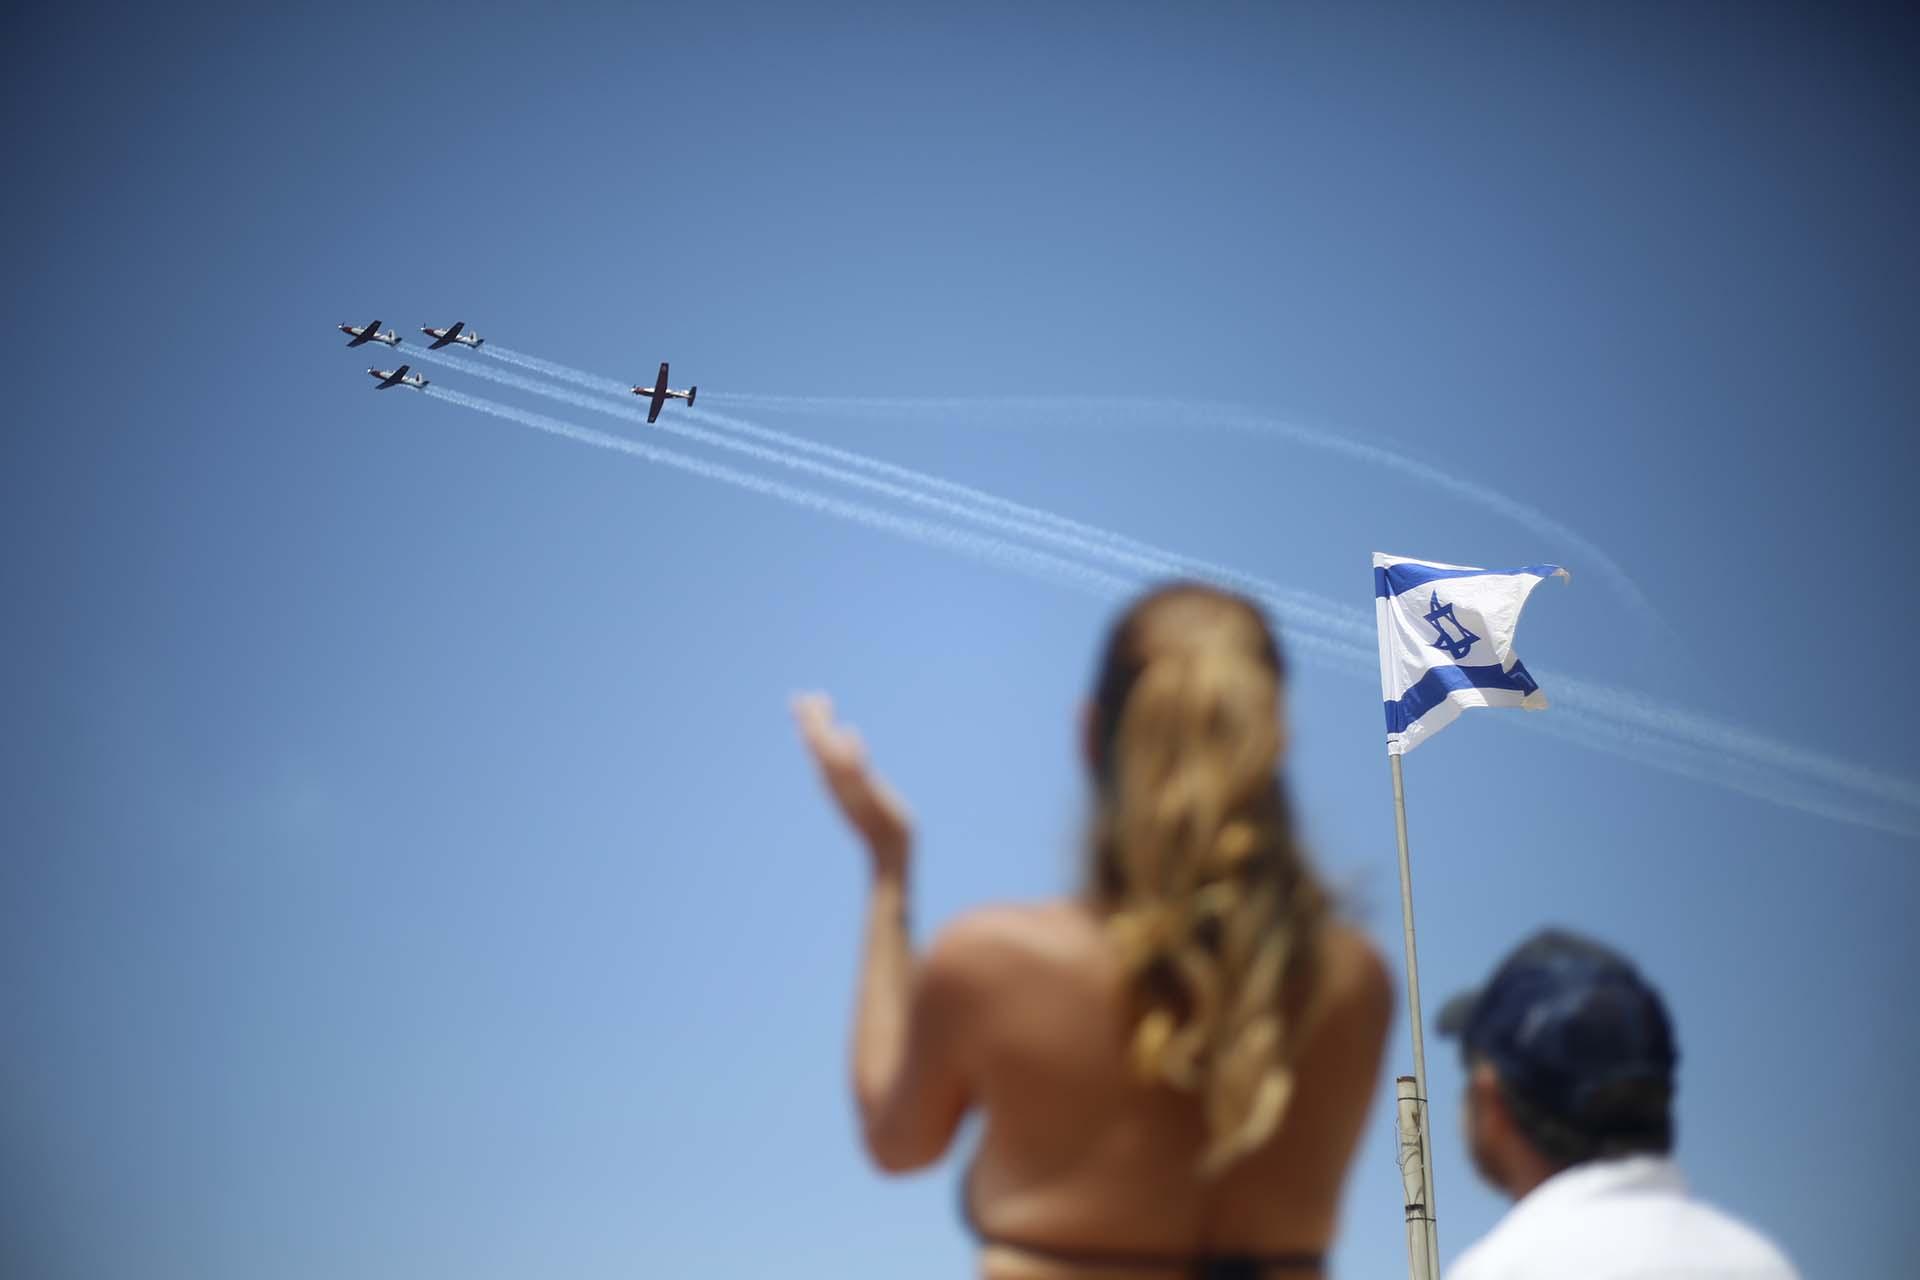 Dos israelíes observan el show aéreo en Tel Aviv, con motivo del 70 aniversario de la independencia (AP Photo/Ariel Schalit)